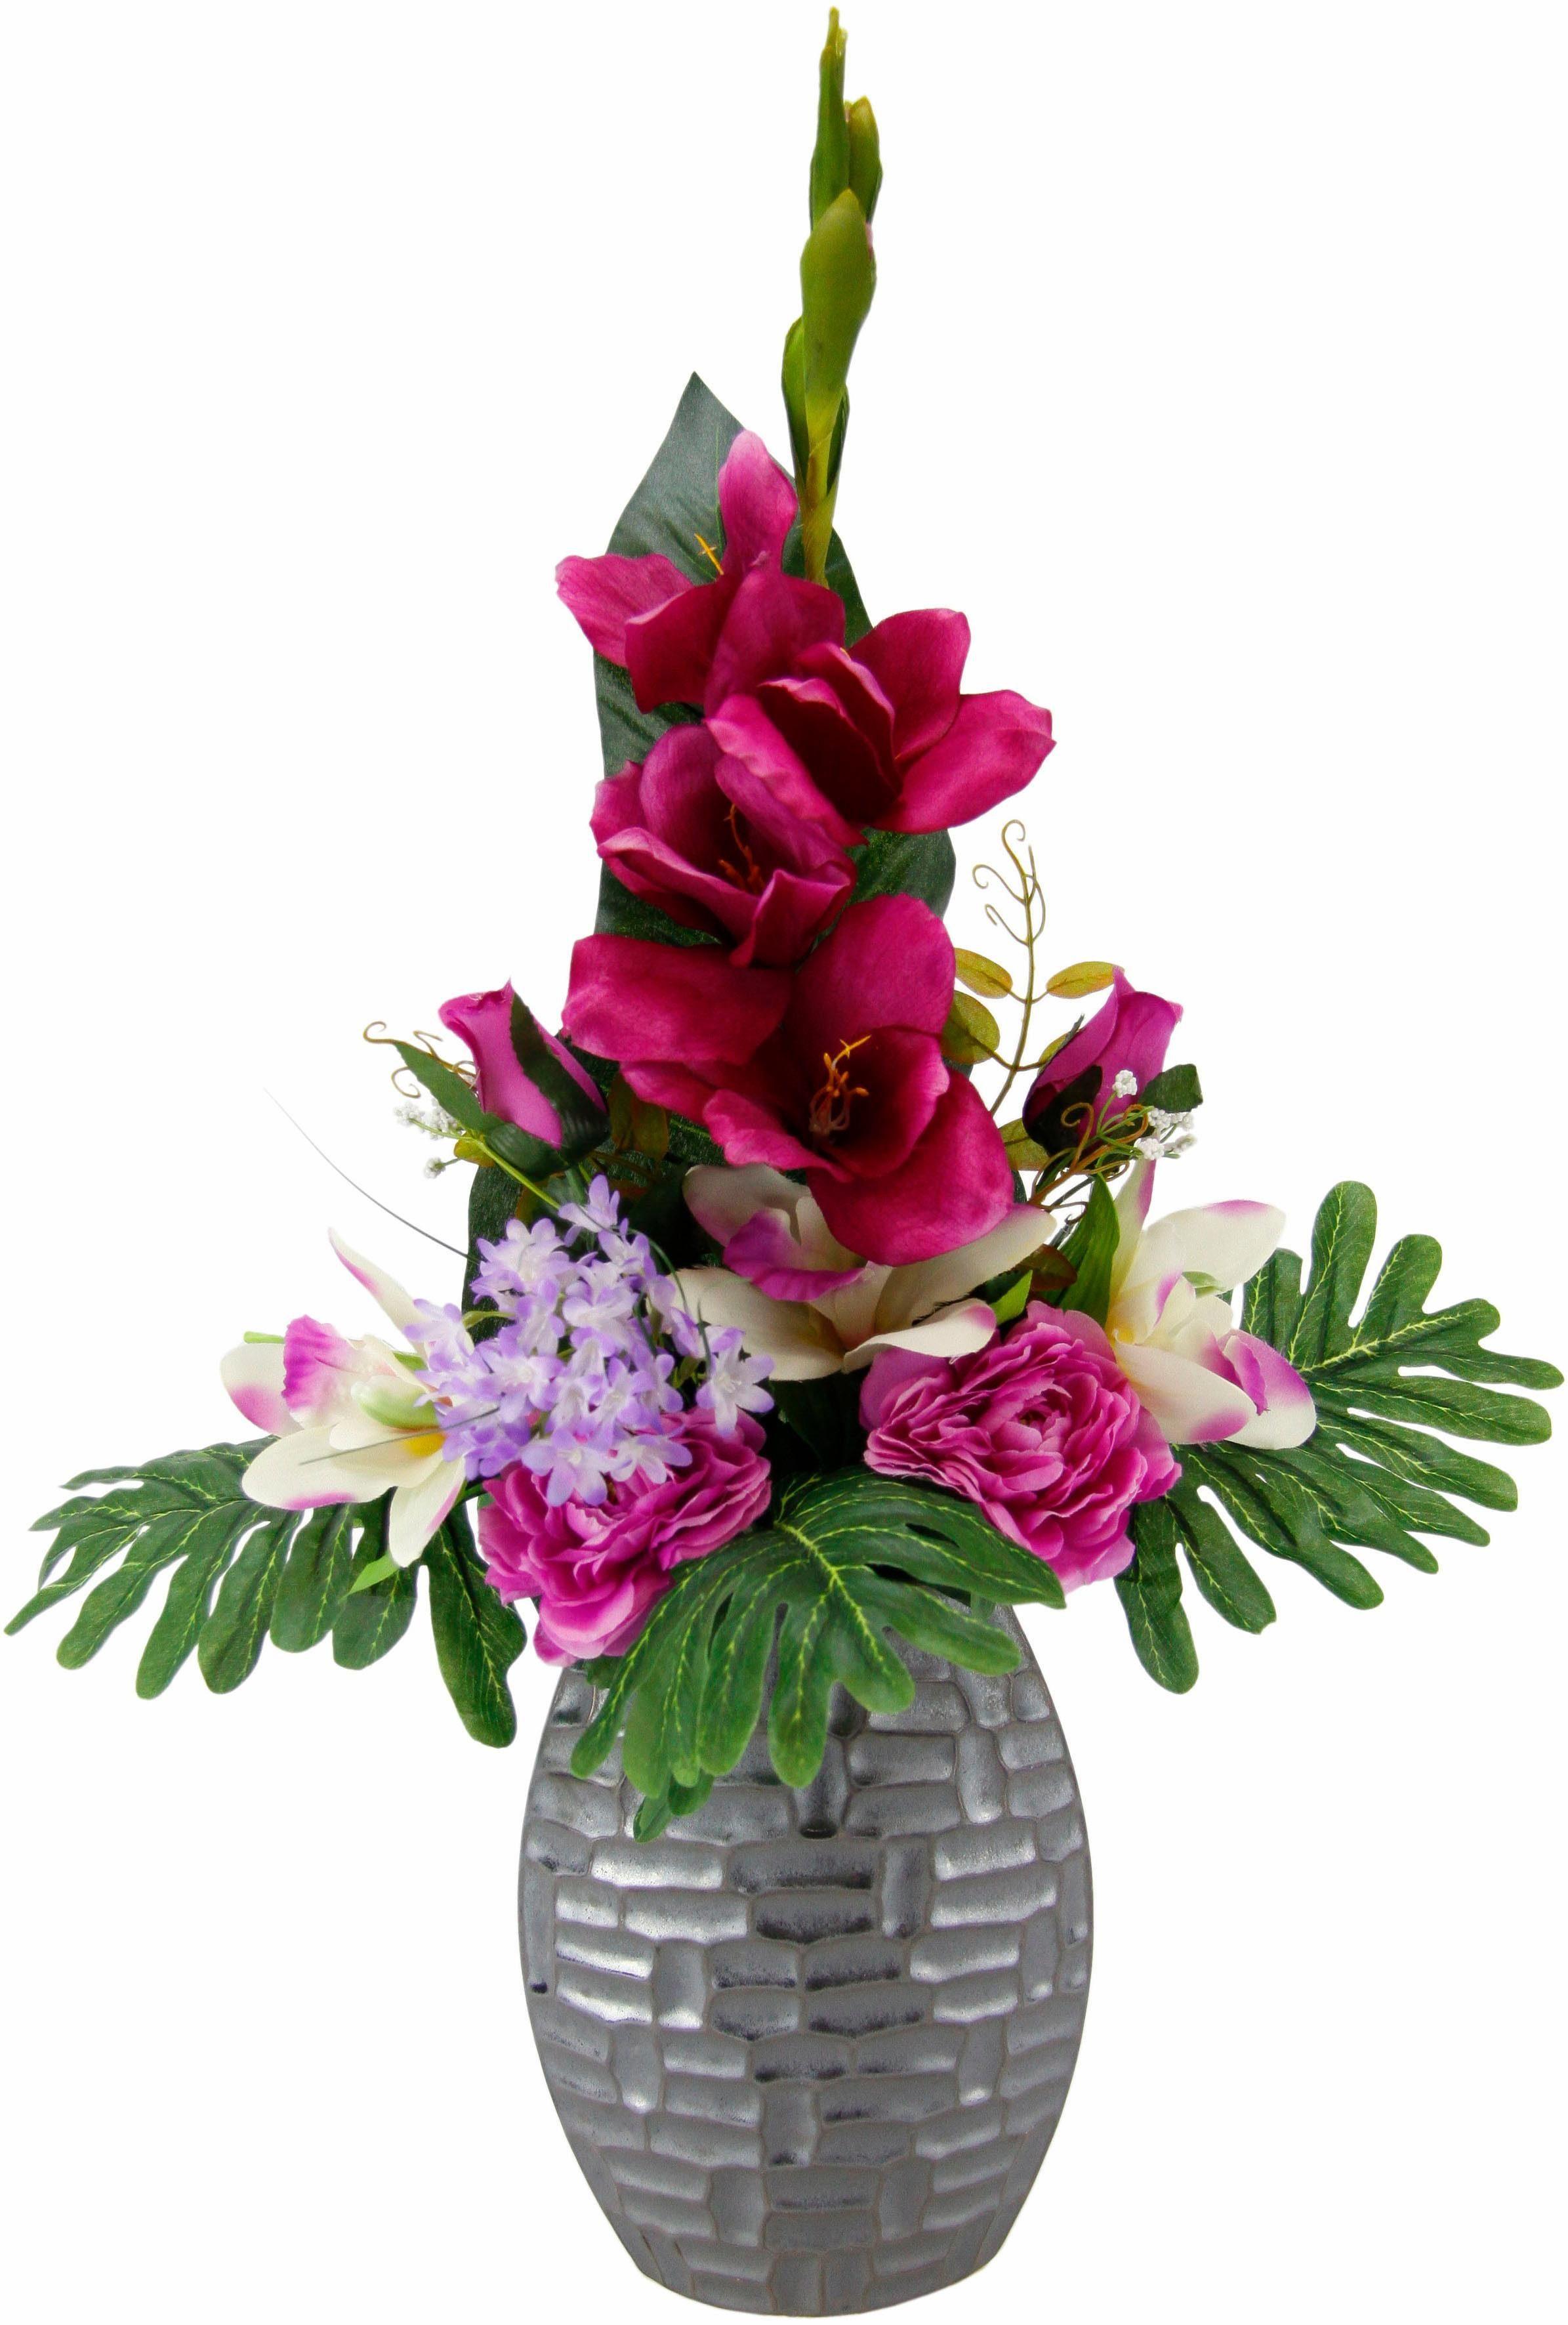 Kunstpflanze »Arrangement Gladiole / Rosen in Vase«